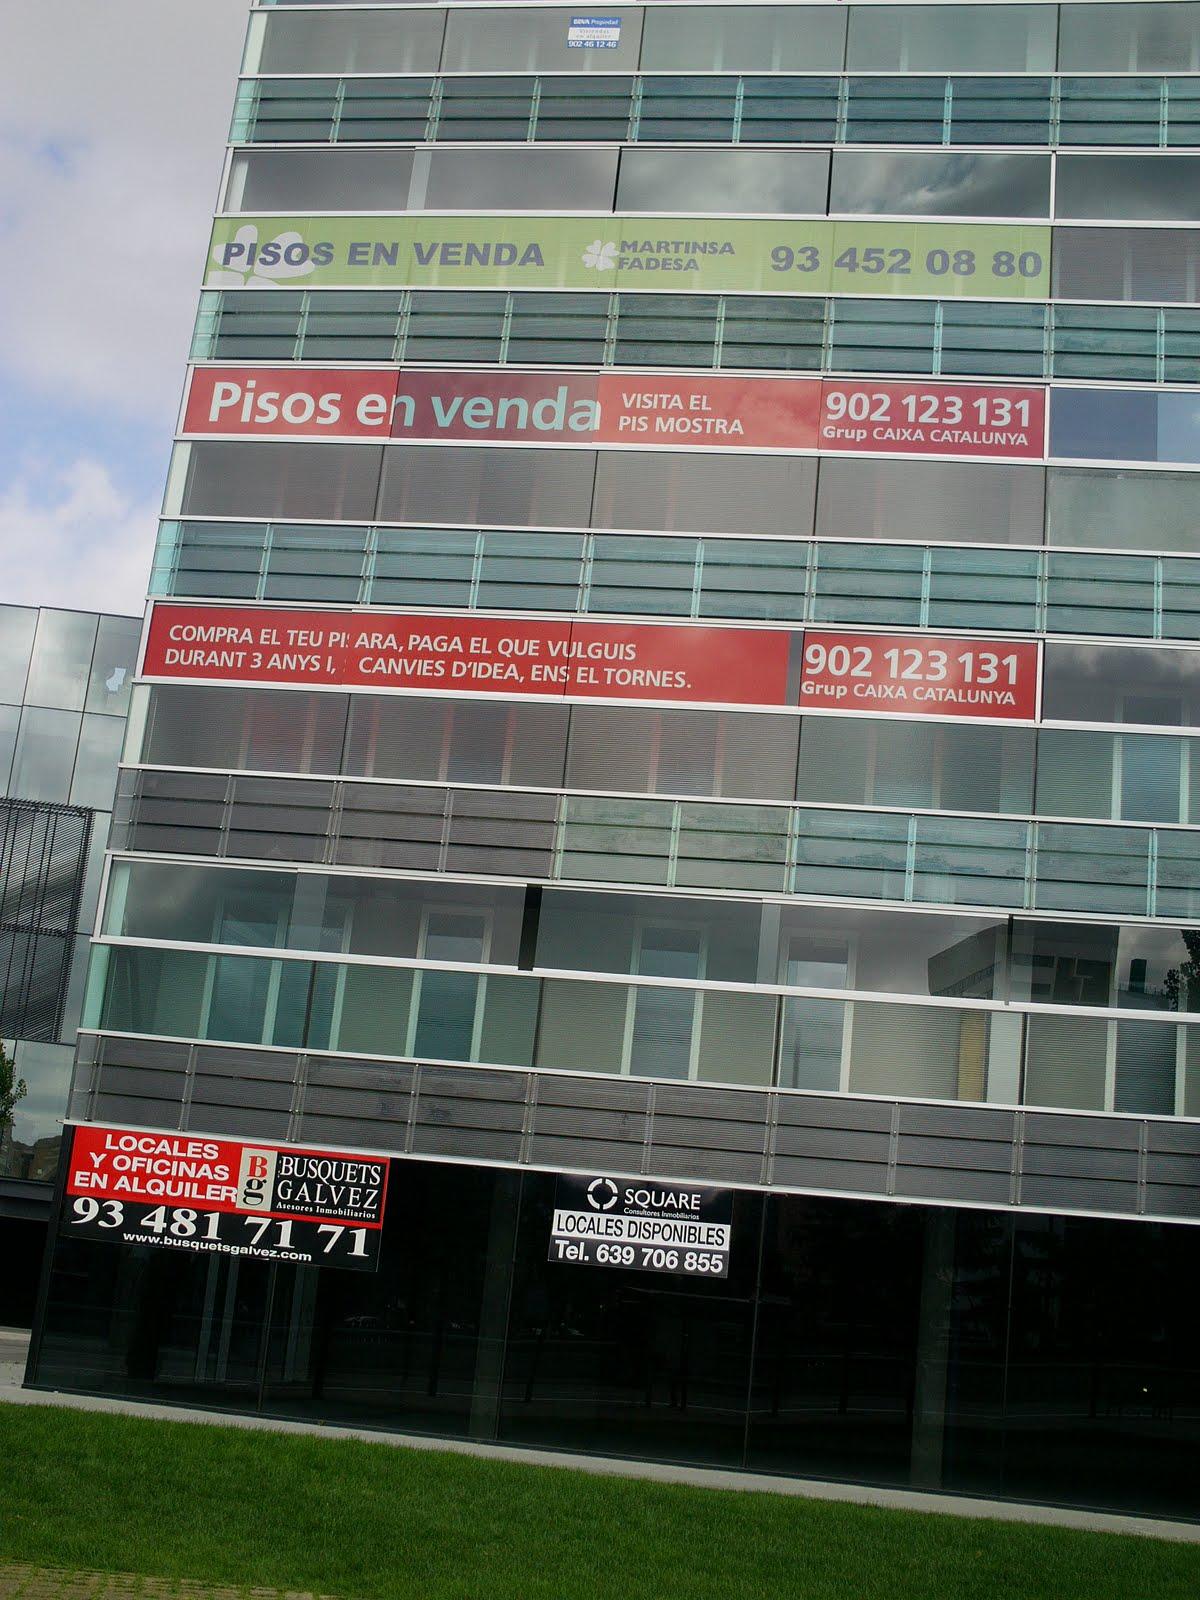 La gran corrupci n el hospitalet de celestino corbacho for Caixa de catalunya oficinas